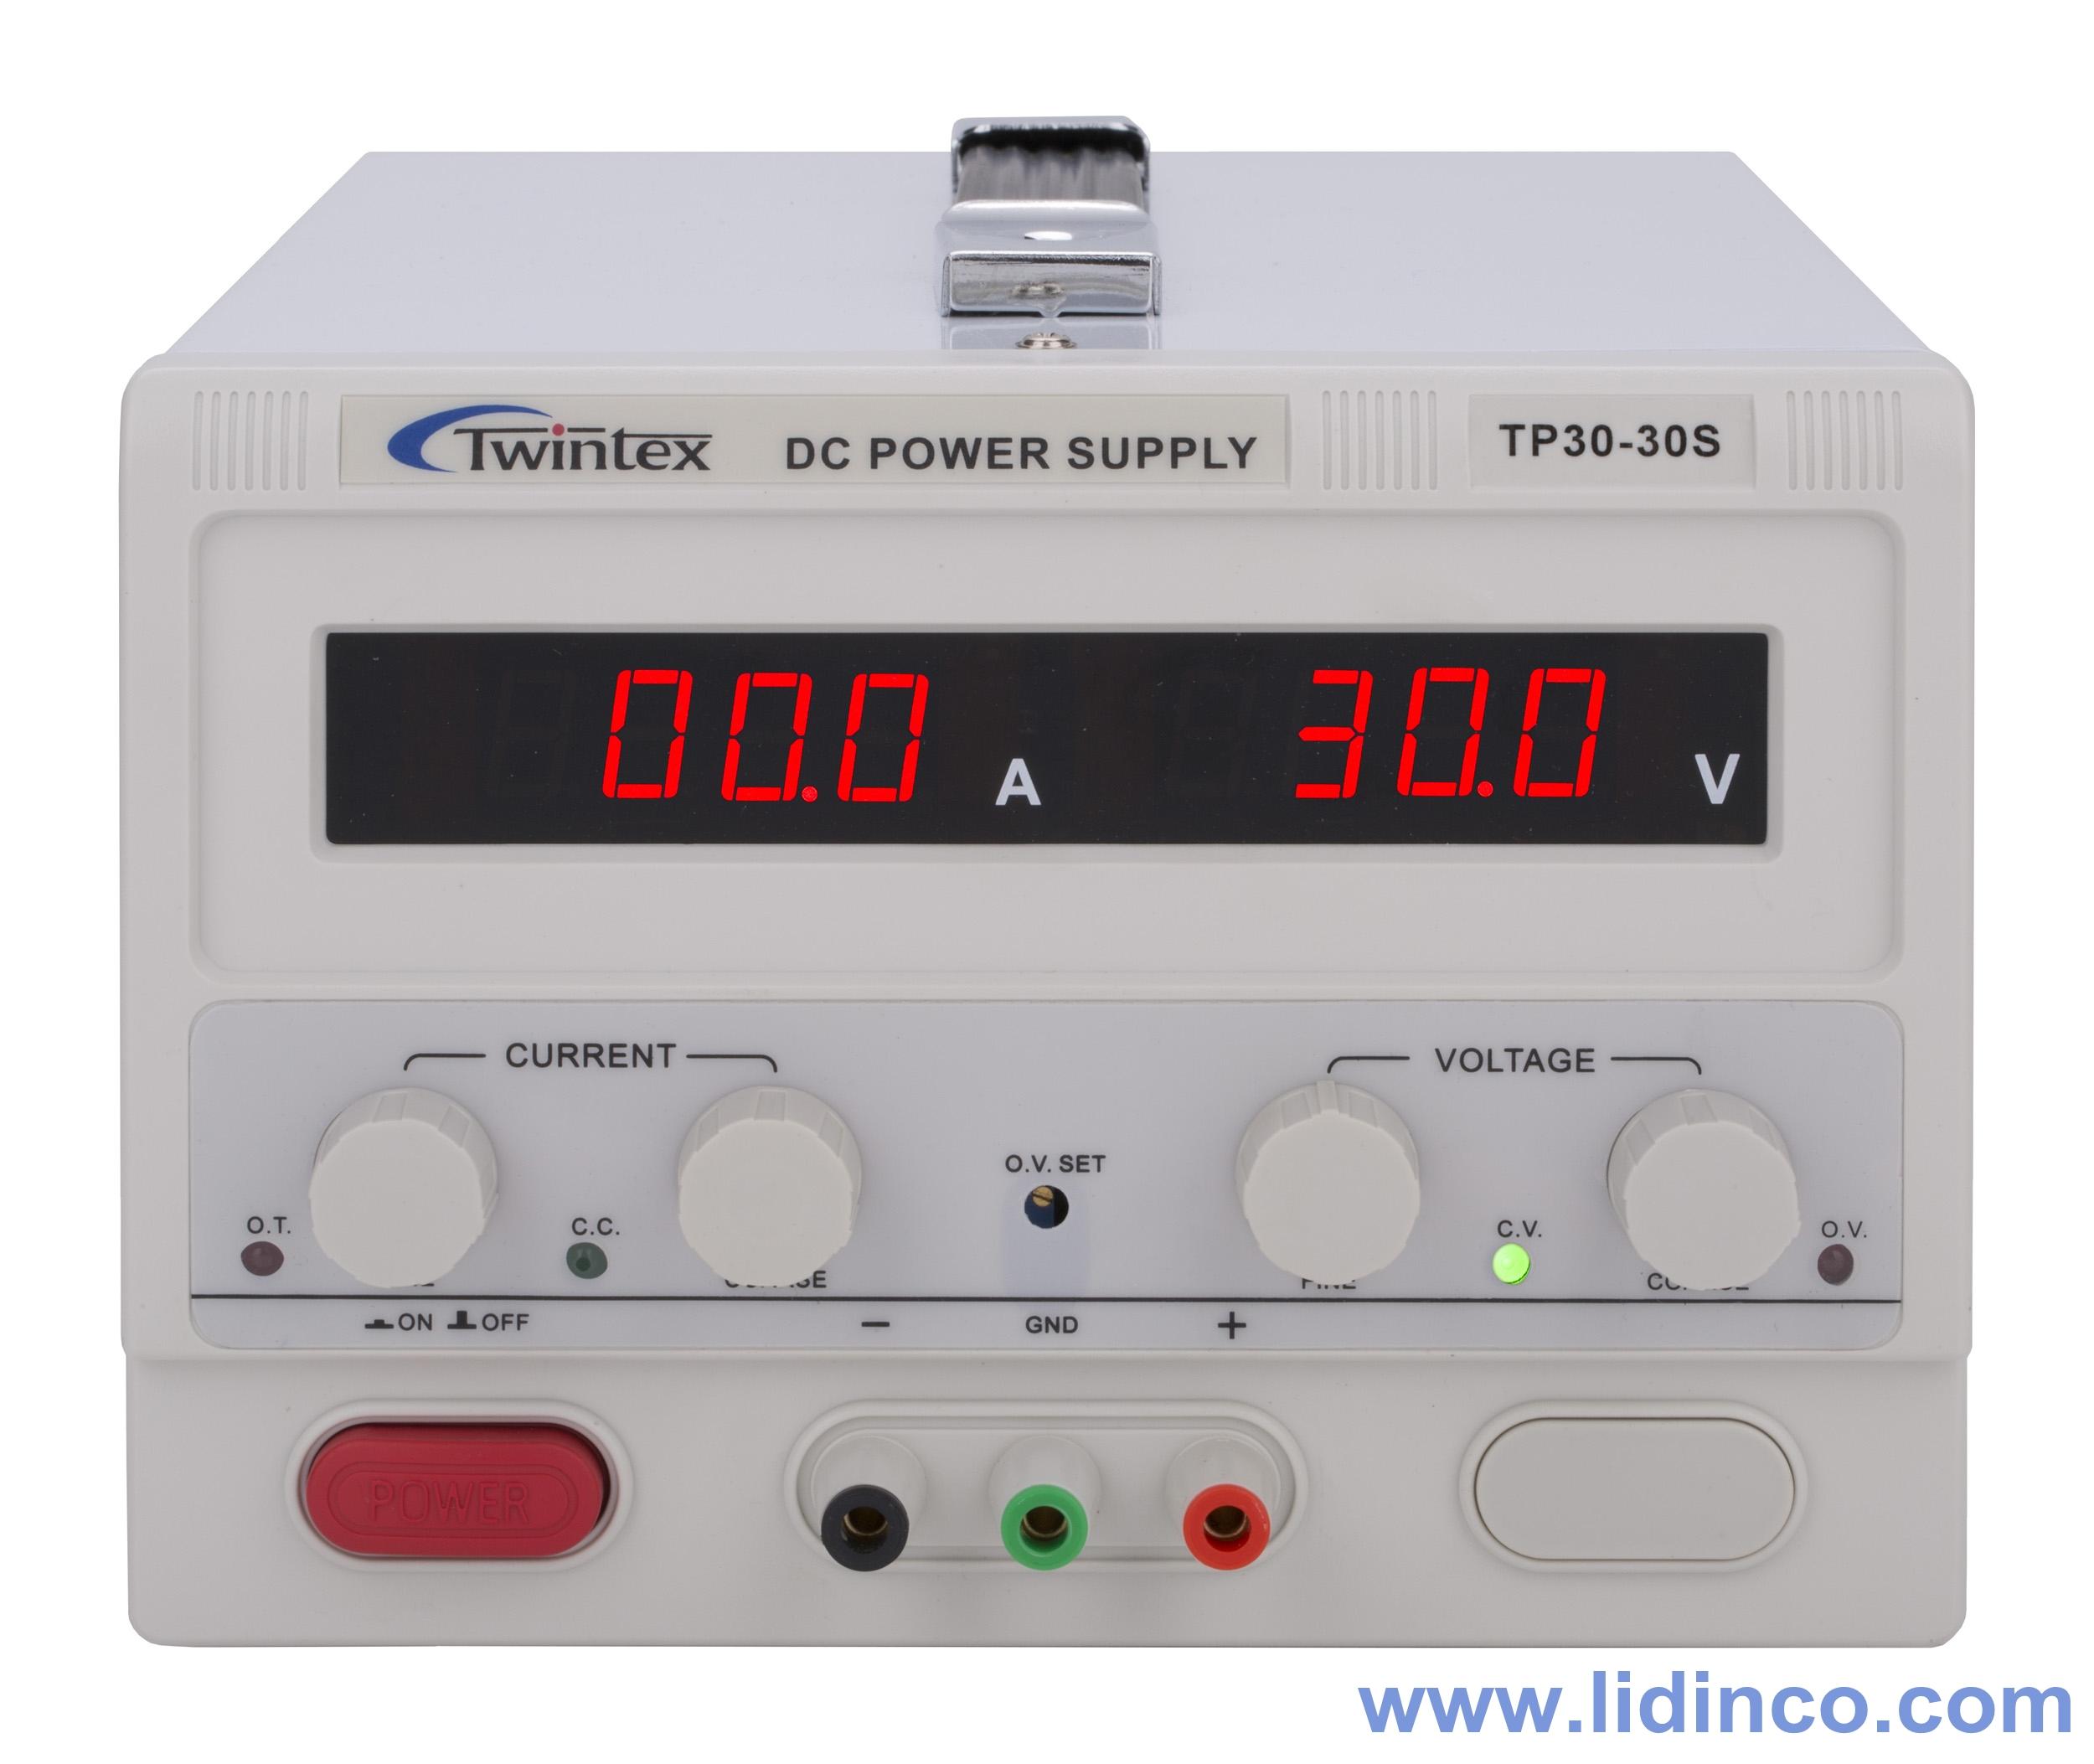 TP30-30S